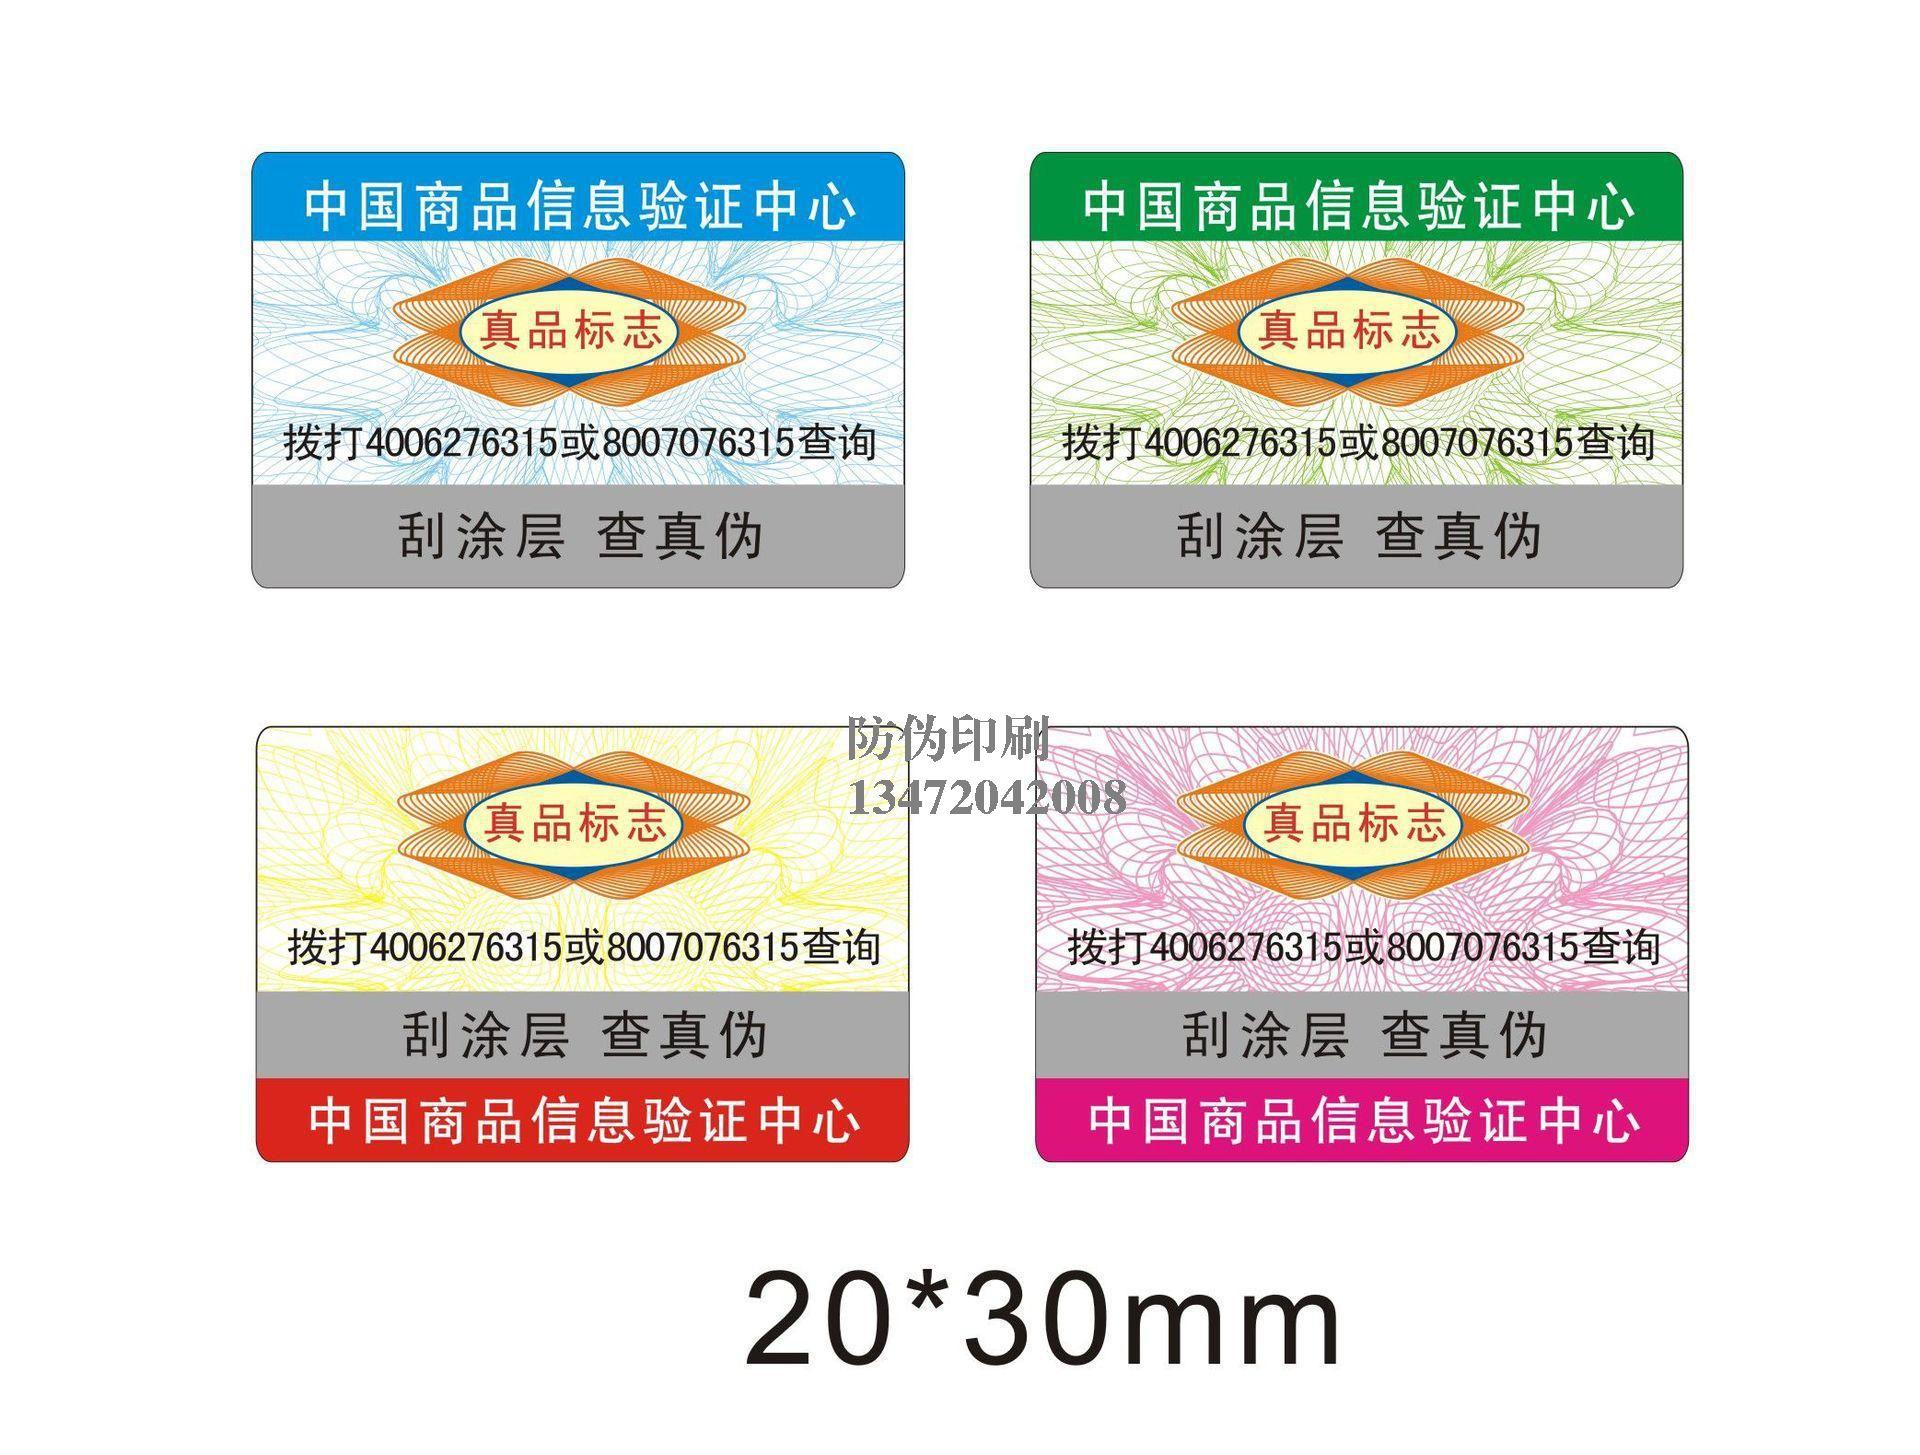 河北沙石防伪标签,使得产品在进程中得以监控。